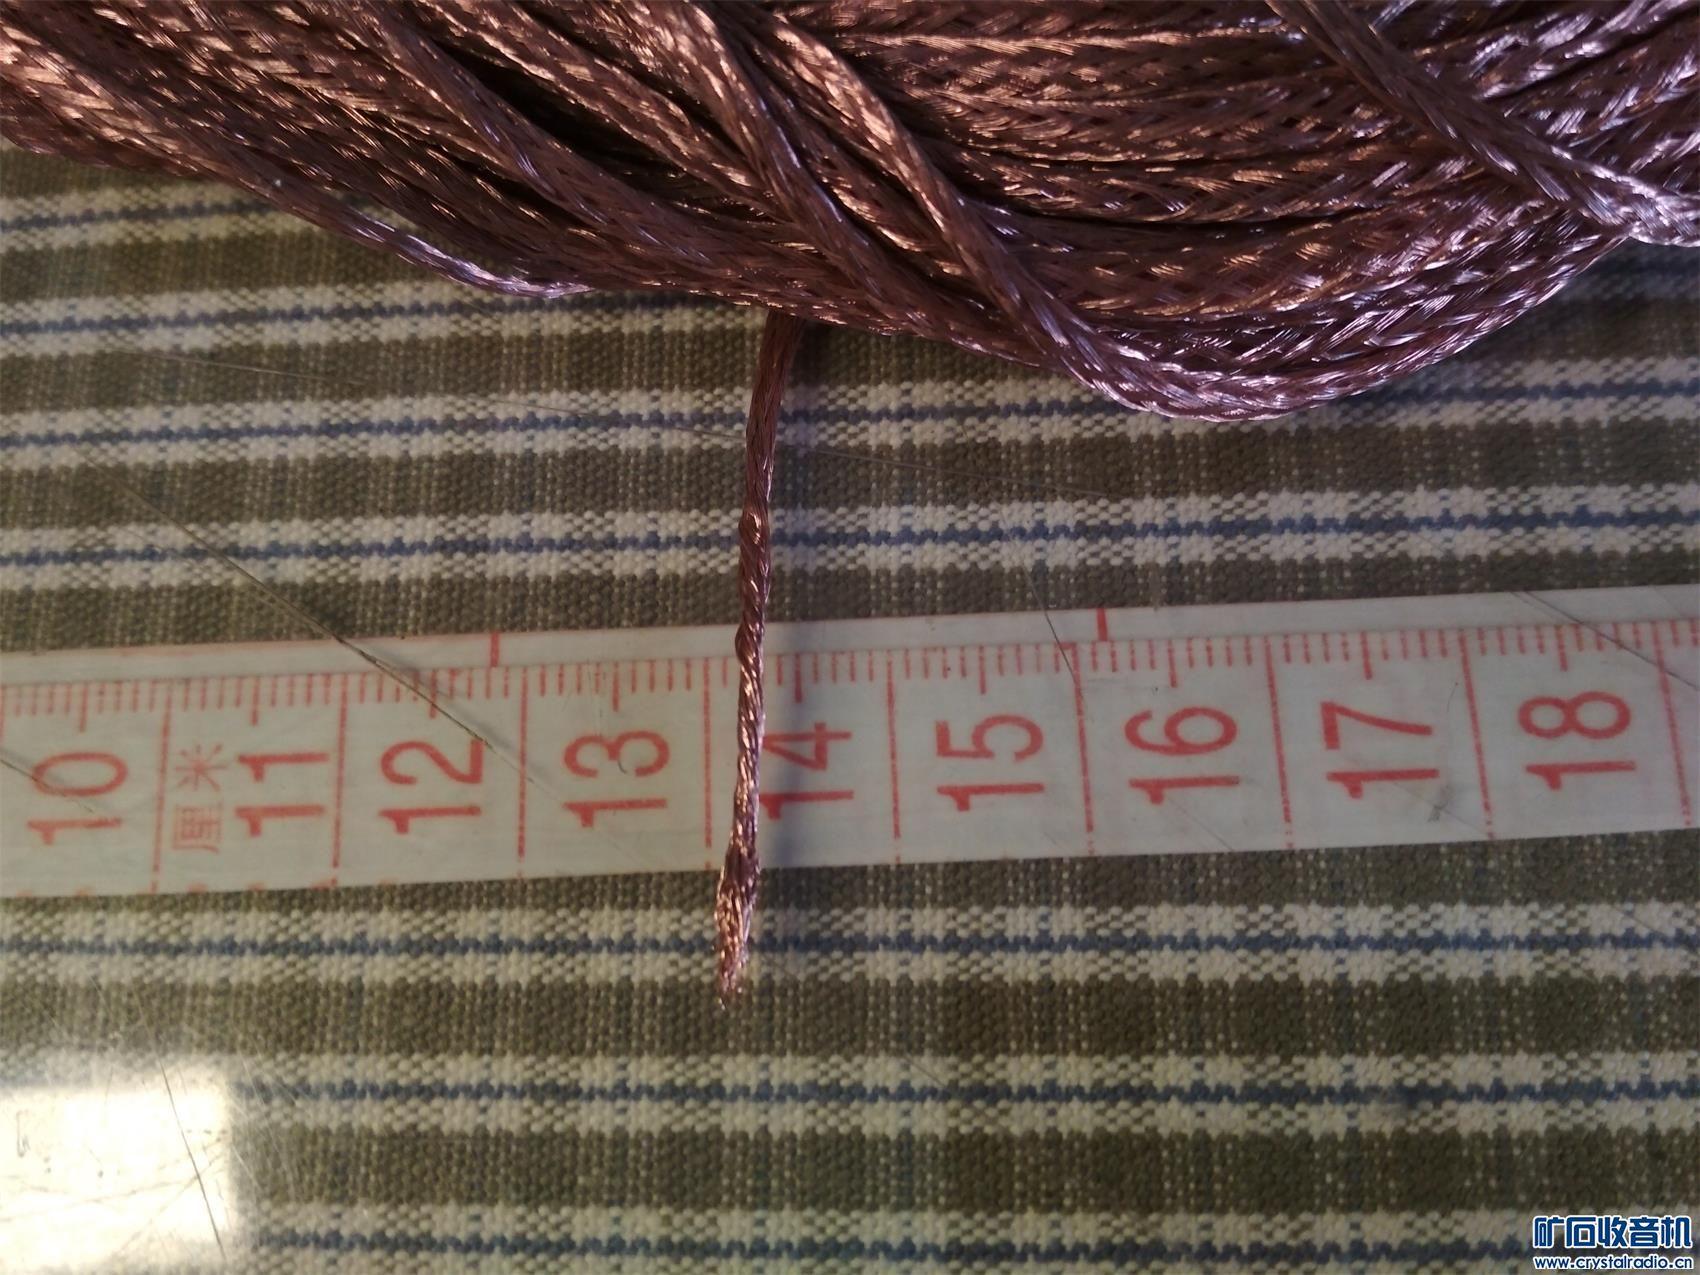 3351号较软每根超过7.25米每根2.5元不要问我多大面积自己看载面积放大图 (3).jpg